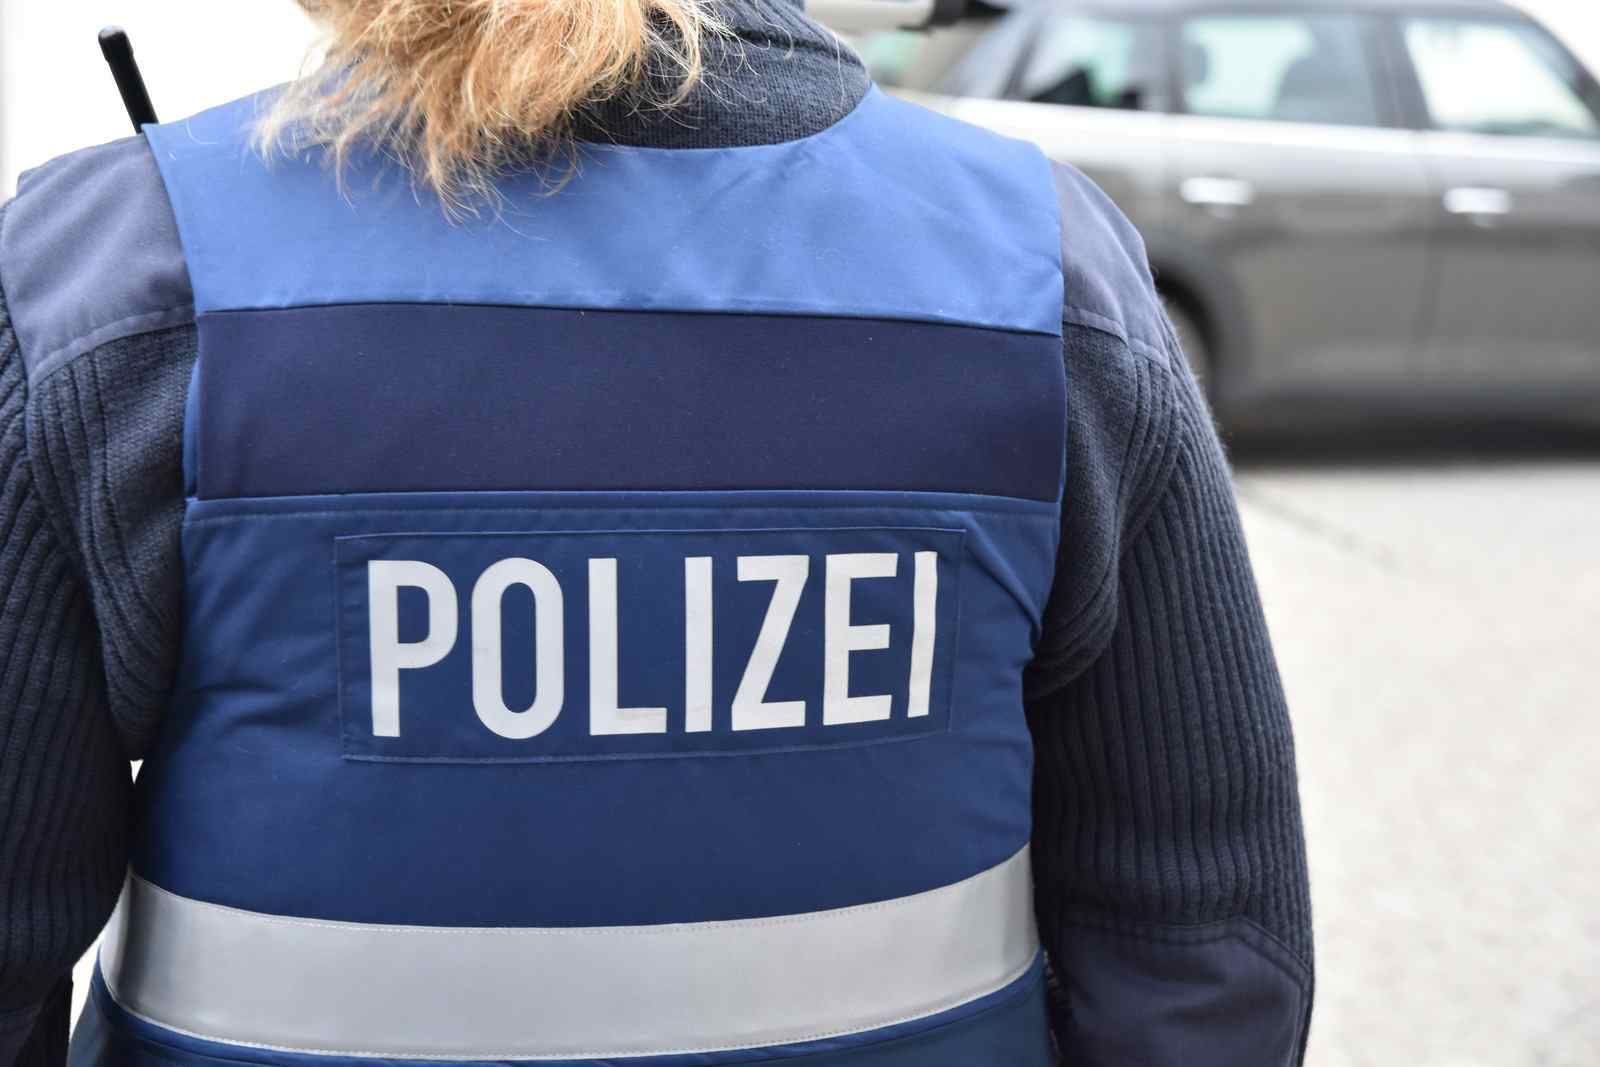 Polizei Polizistin Weste